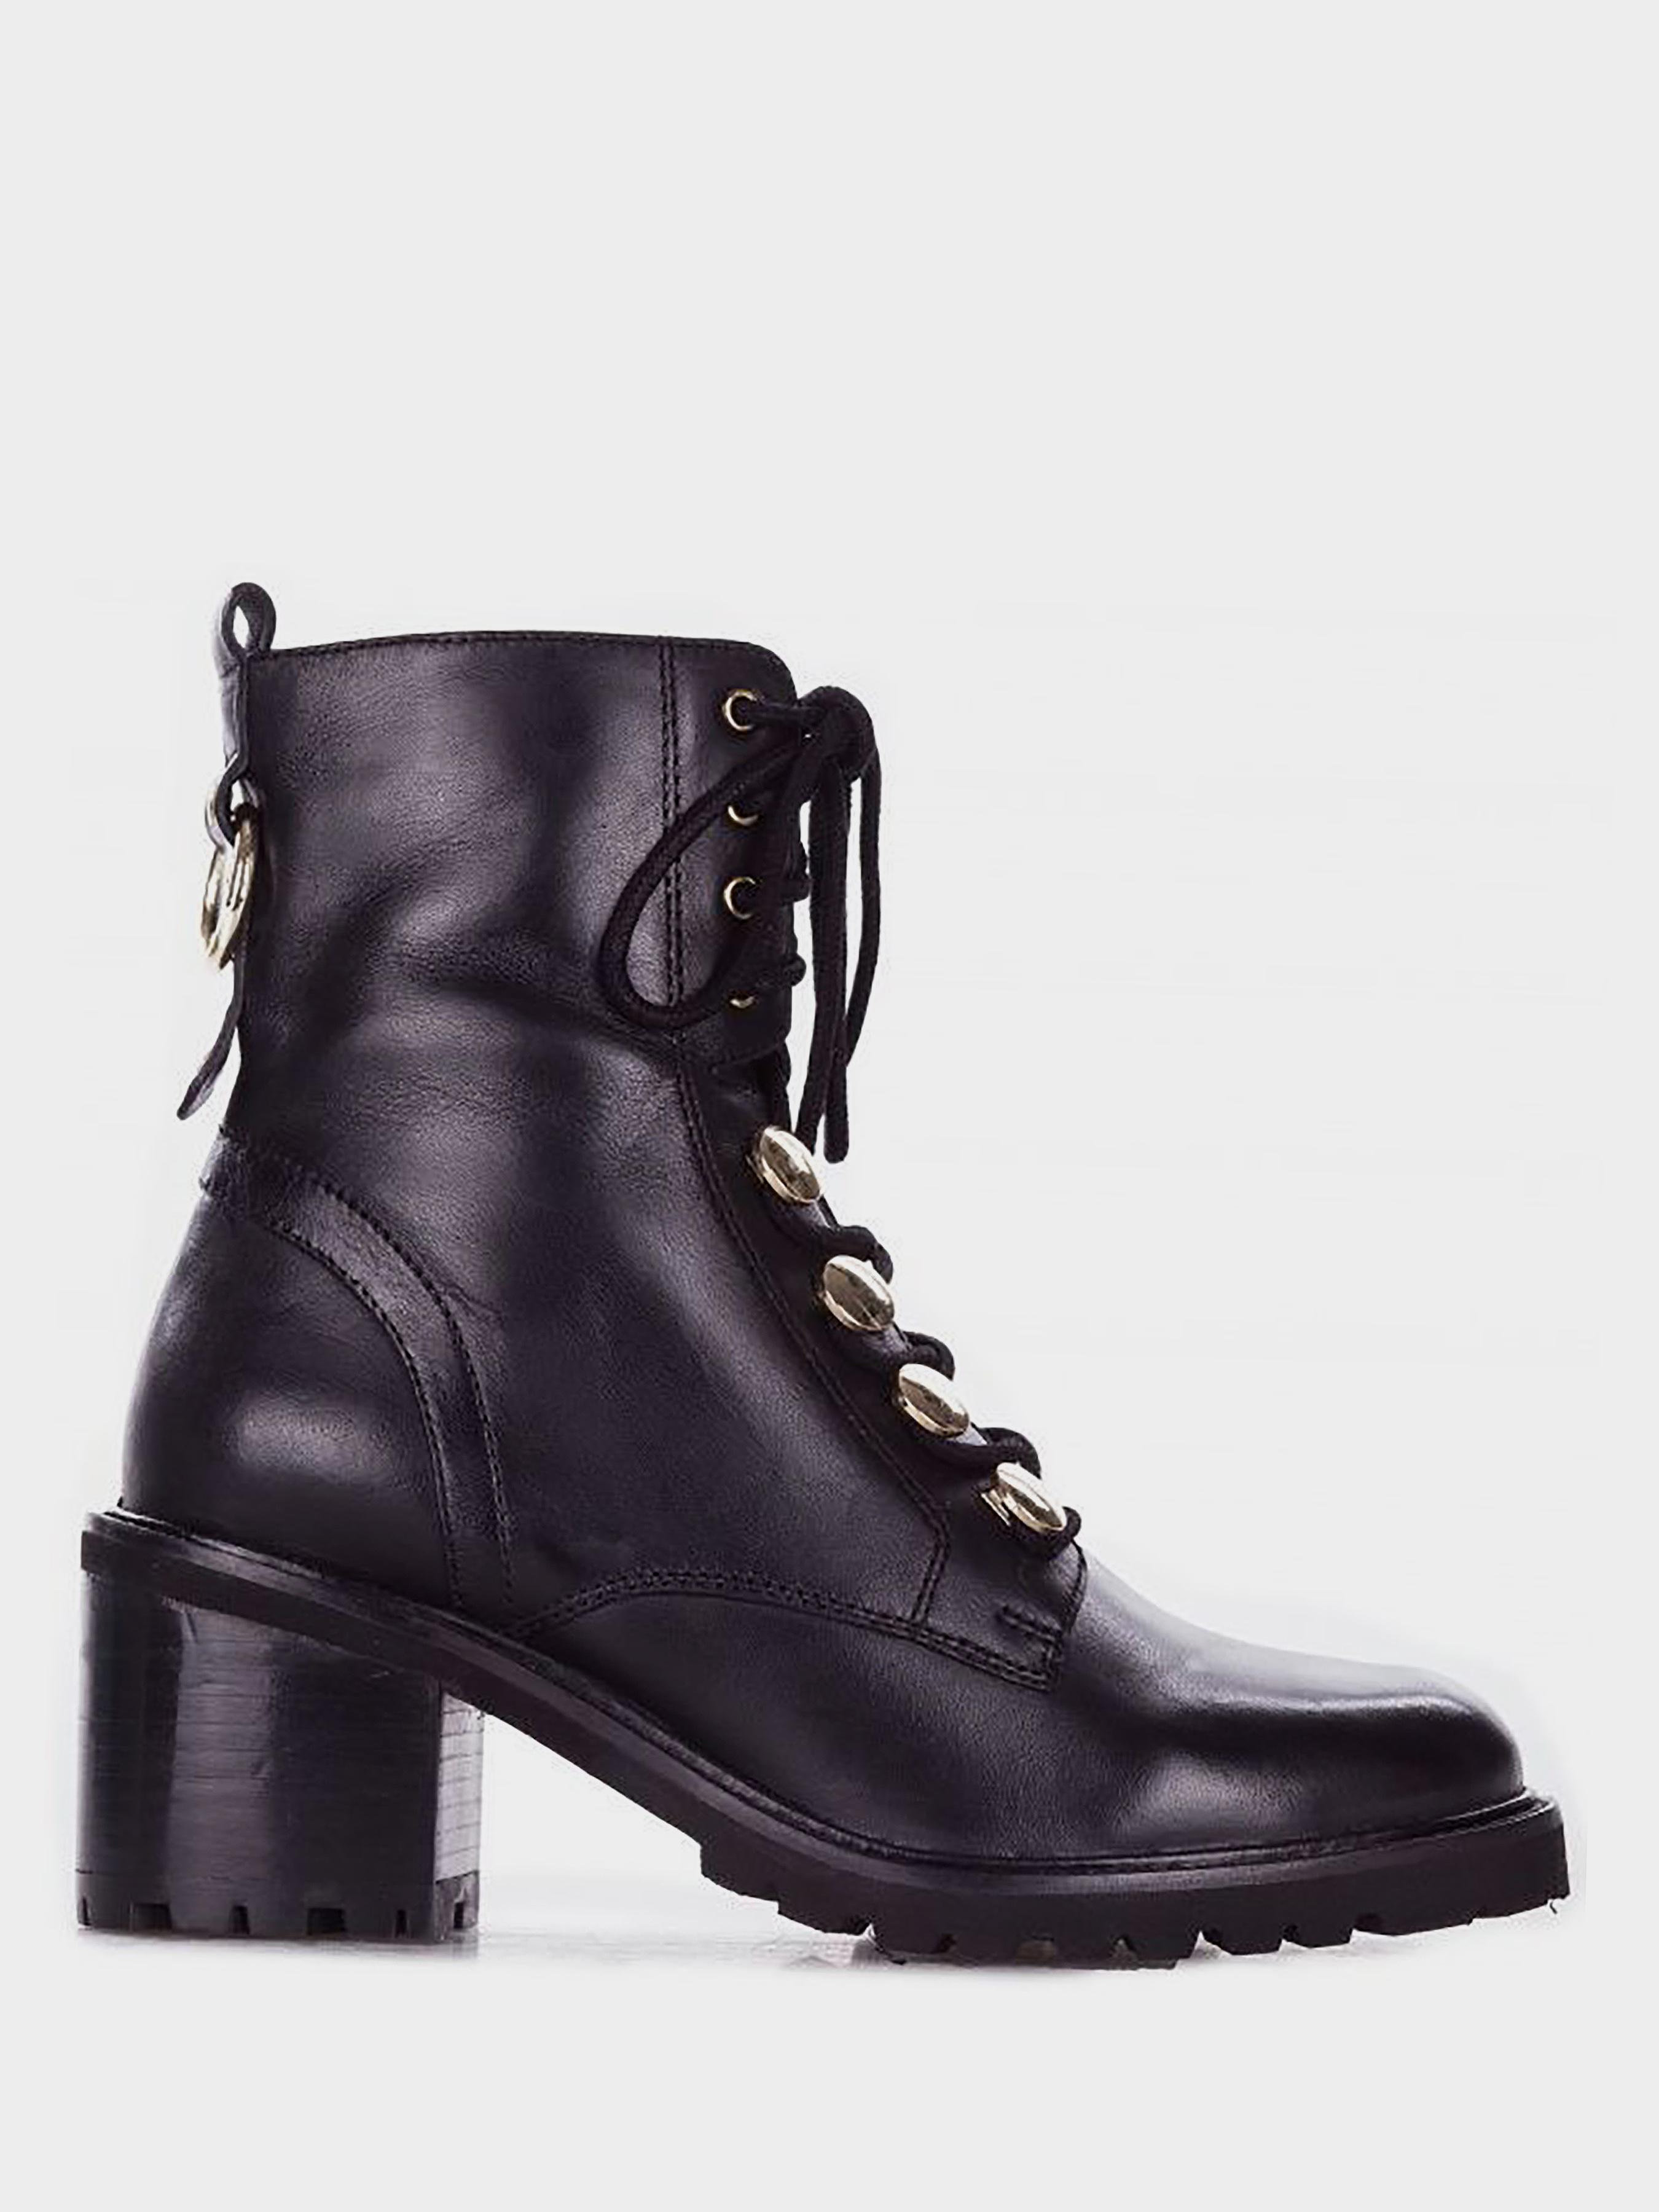 Купить Ботинки женские Braska черевики жін. (36-41) BS3023, Черный